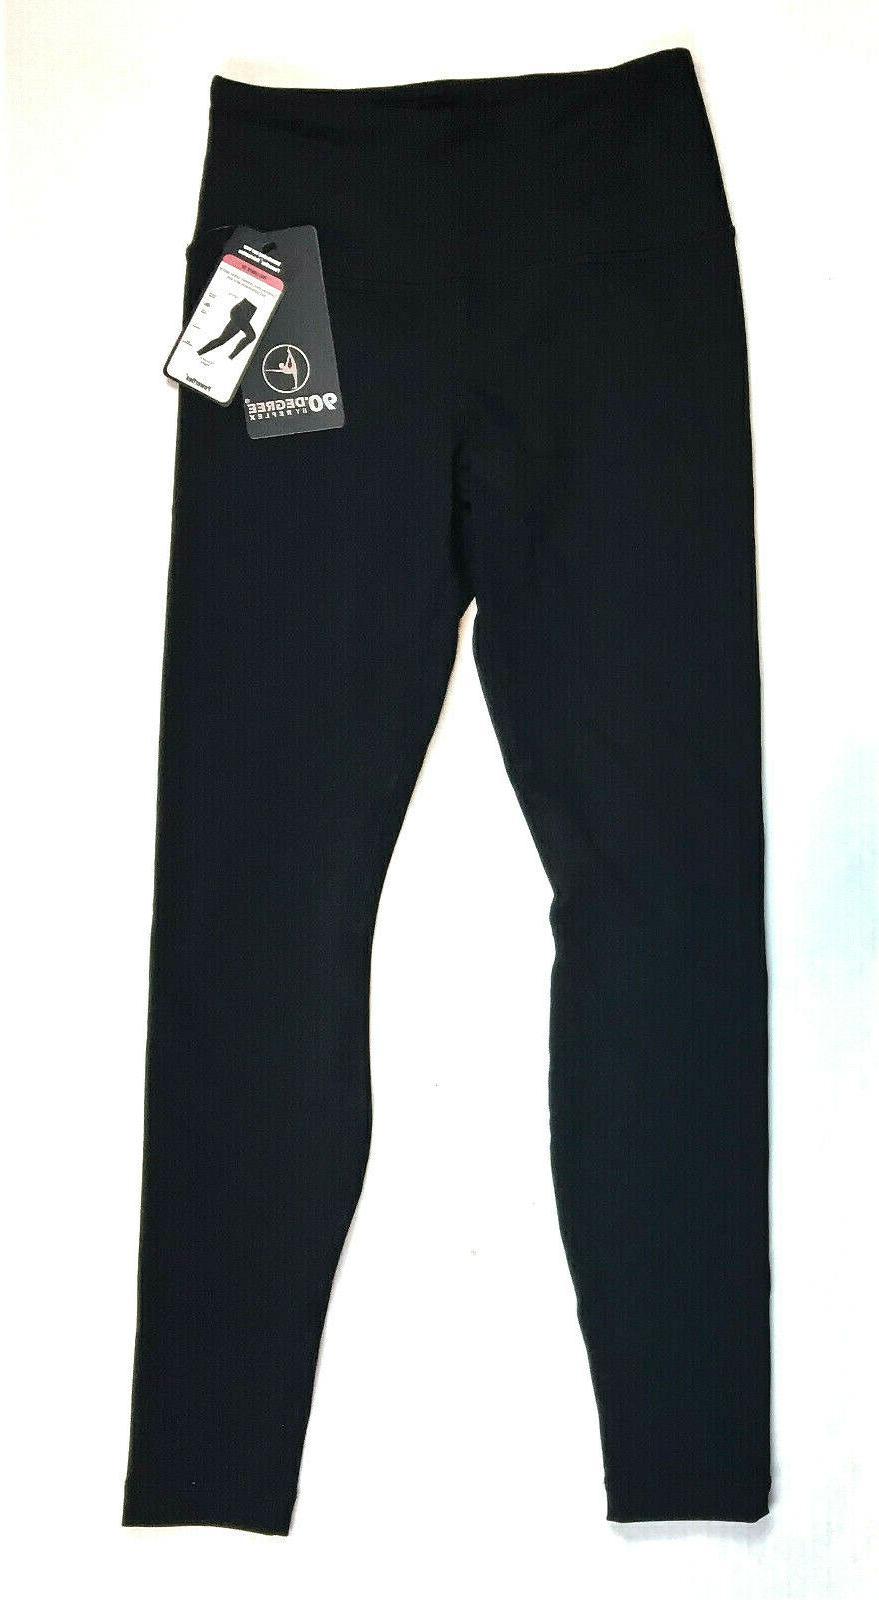 90 degree by reflex high waist cotton